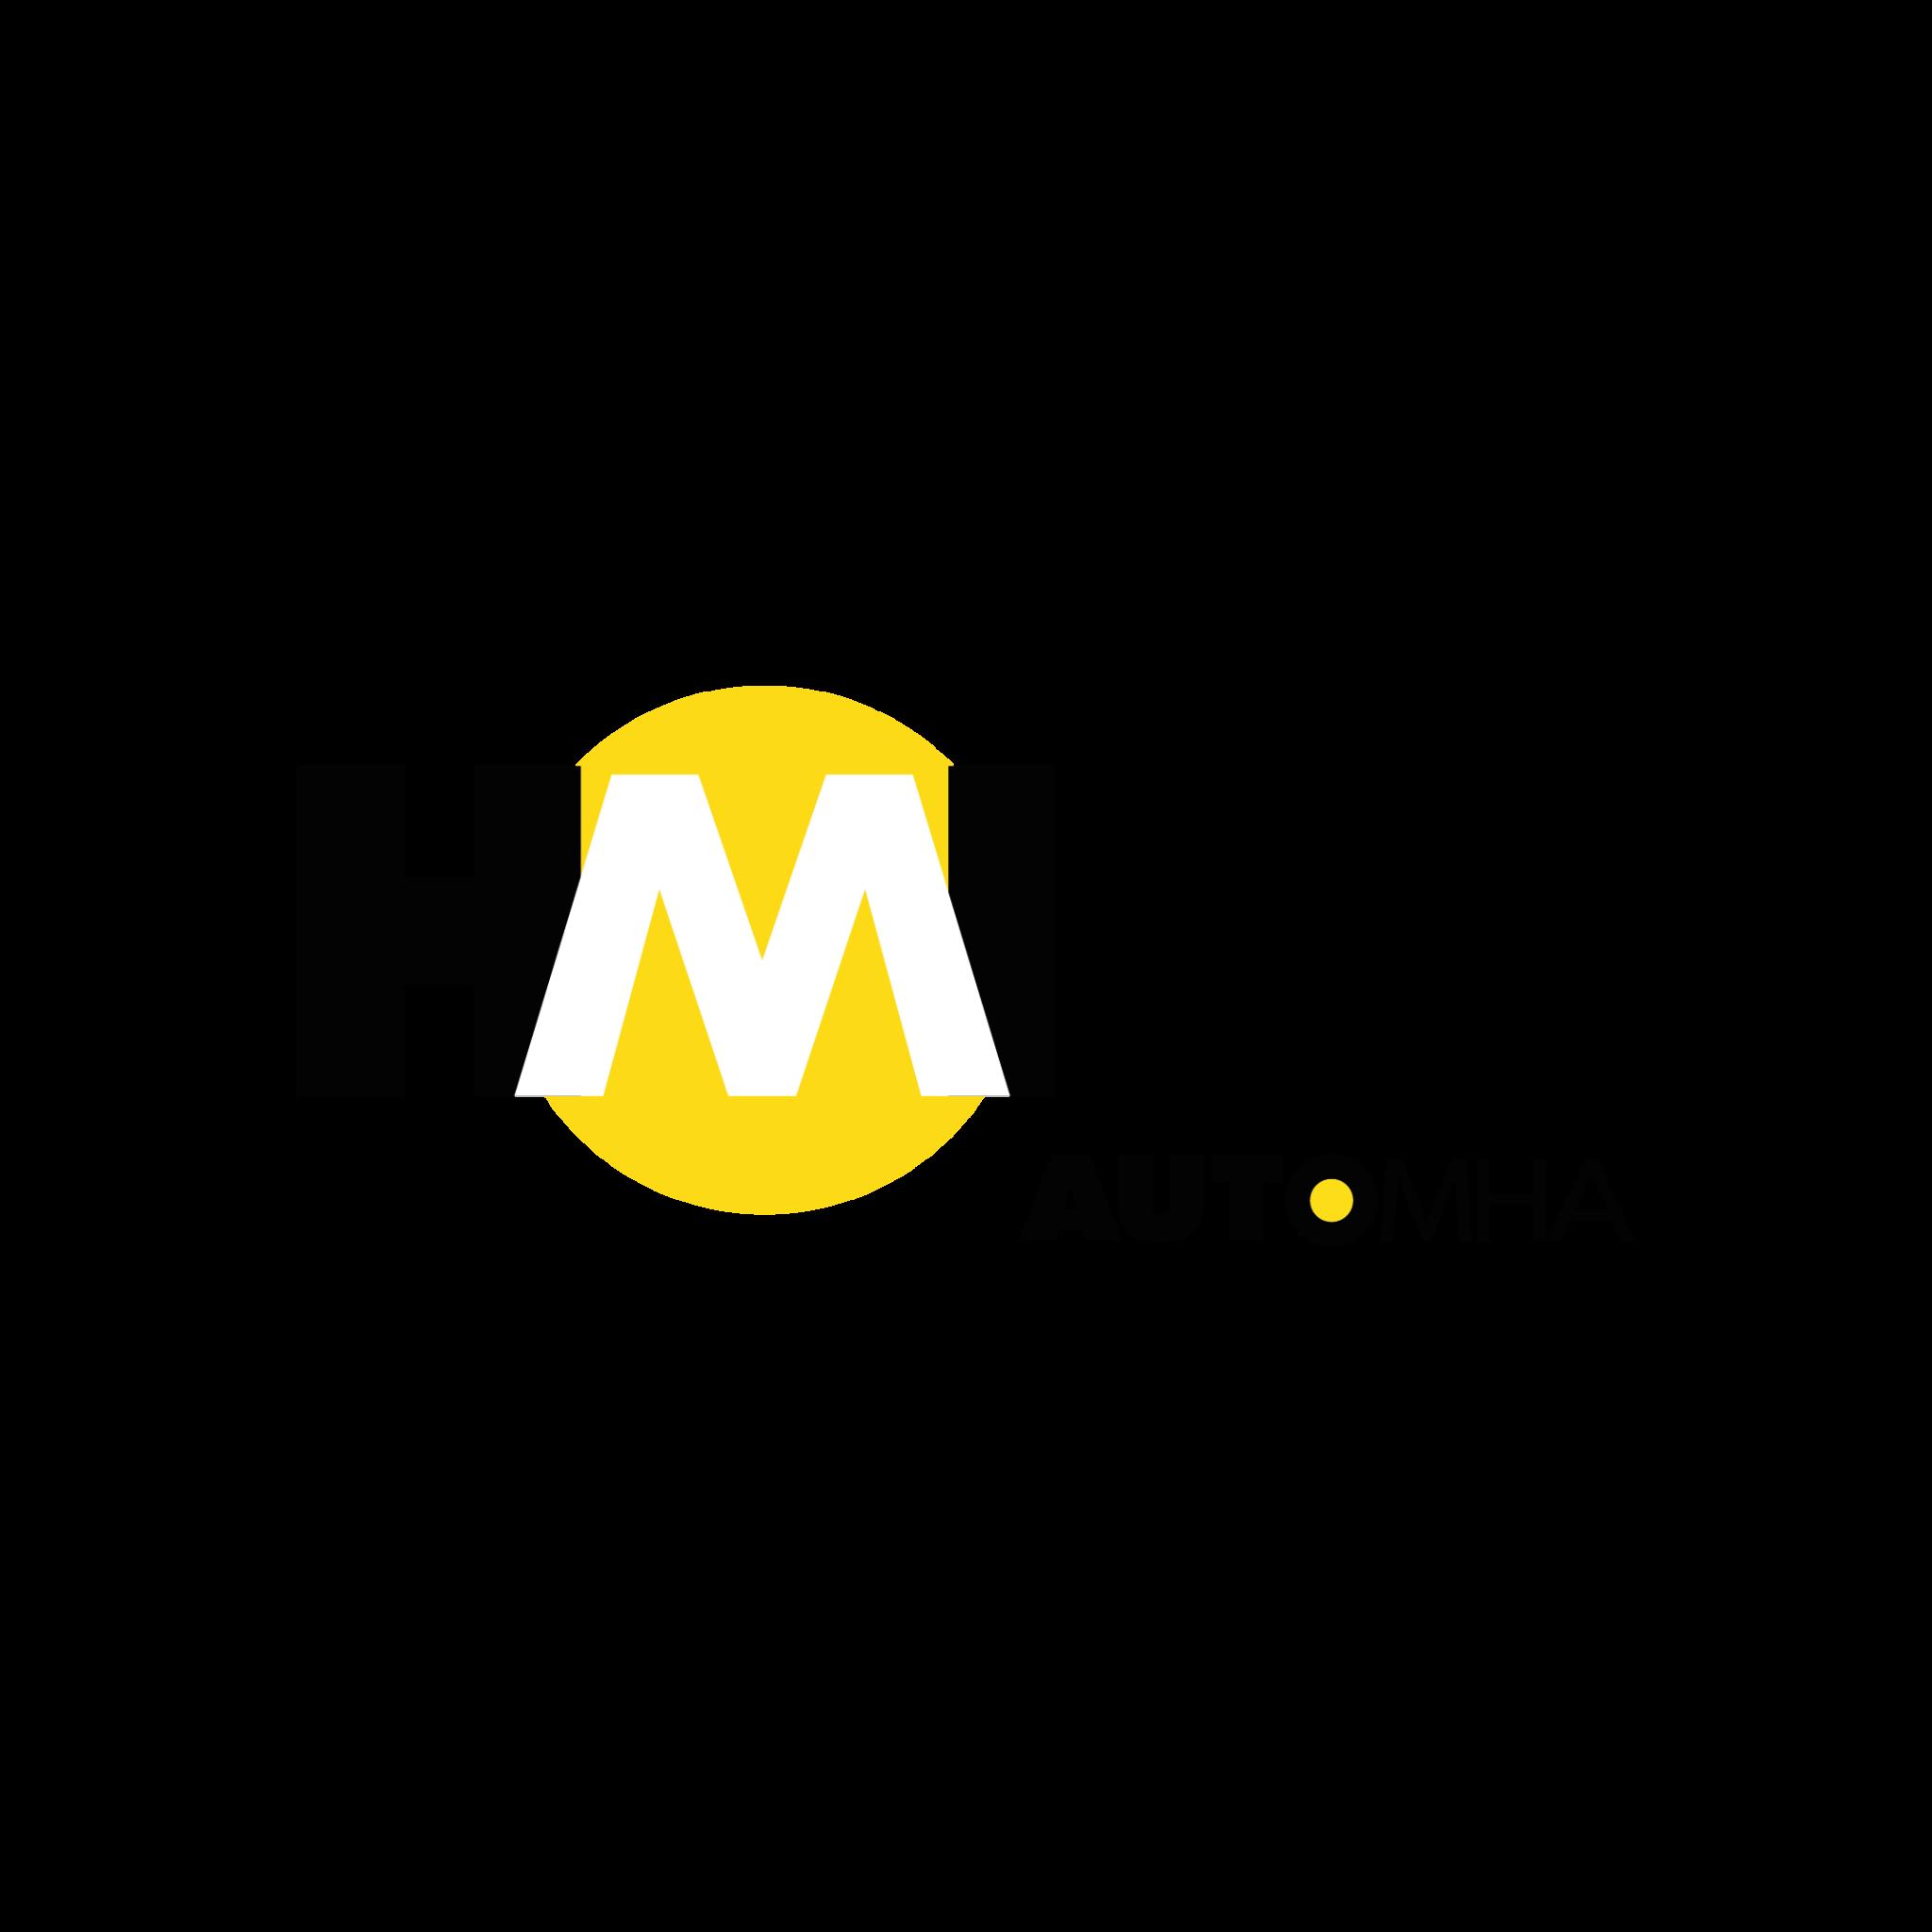 logo HMI software interfaccia semplice per la gestione dei magazzini automatici